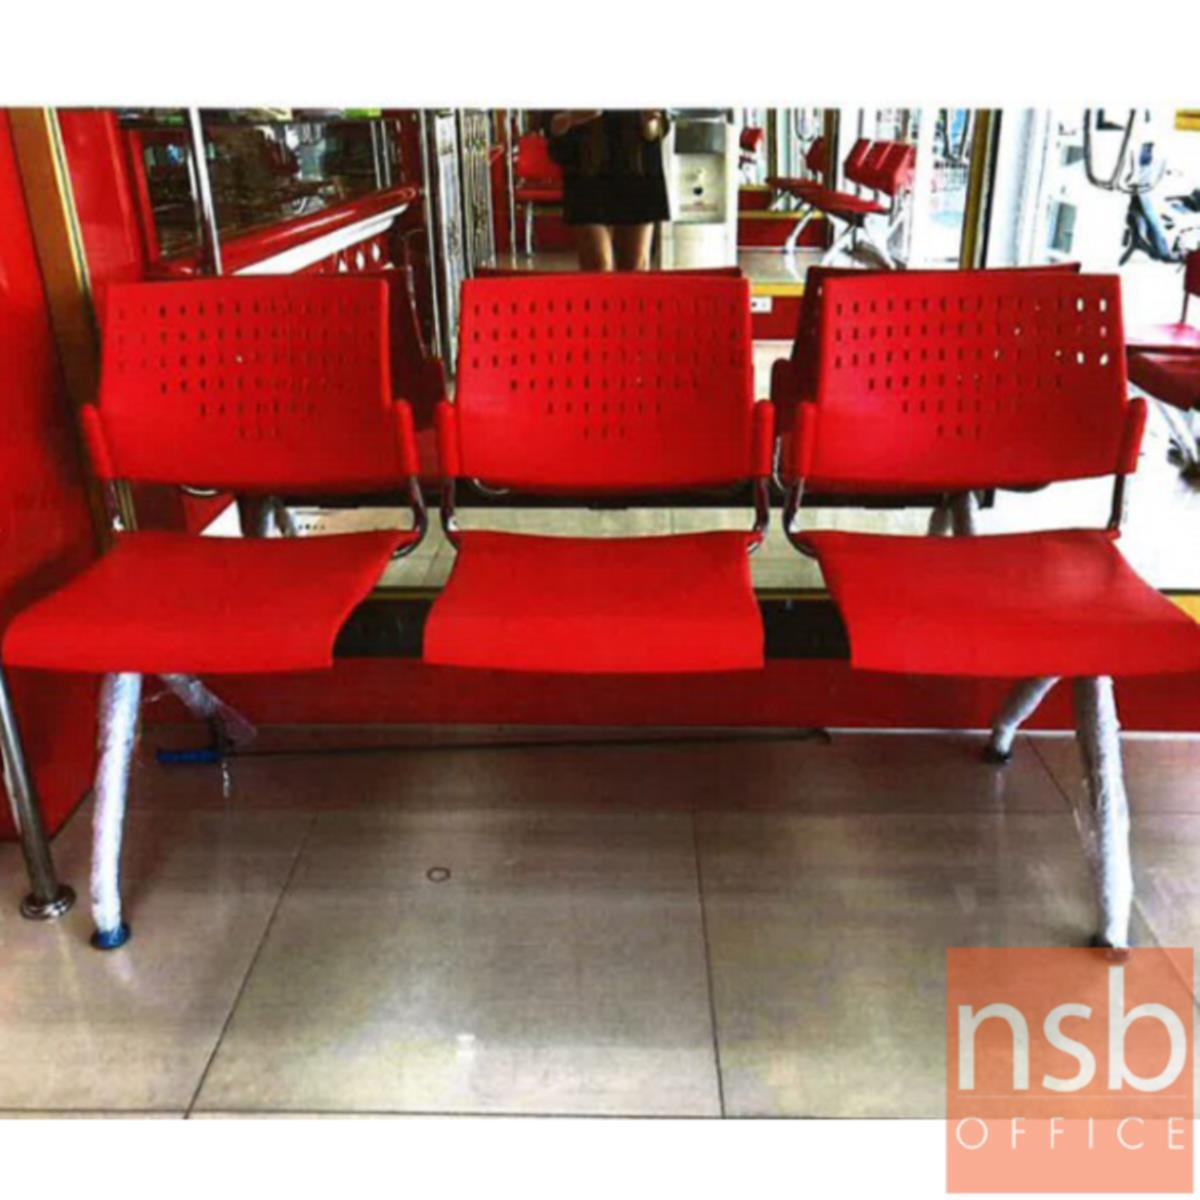 เก้าอี้นั่งคอยเฟรมโพลี่ รุ่น 026 2 ,3 ,4 ที่นั่ง ขนาด 104W ,162W ,213W cm. ขาเหล็กชุบโครเมี่ยม